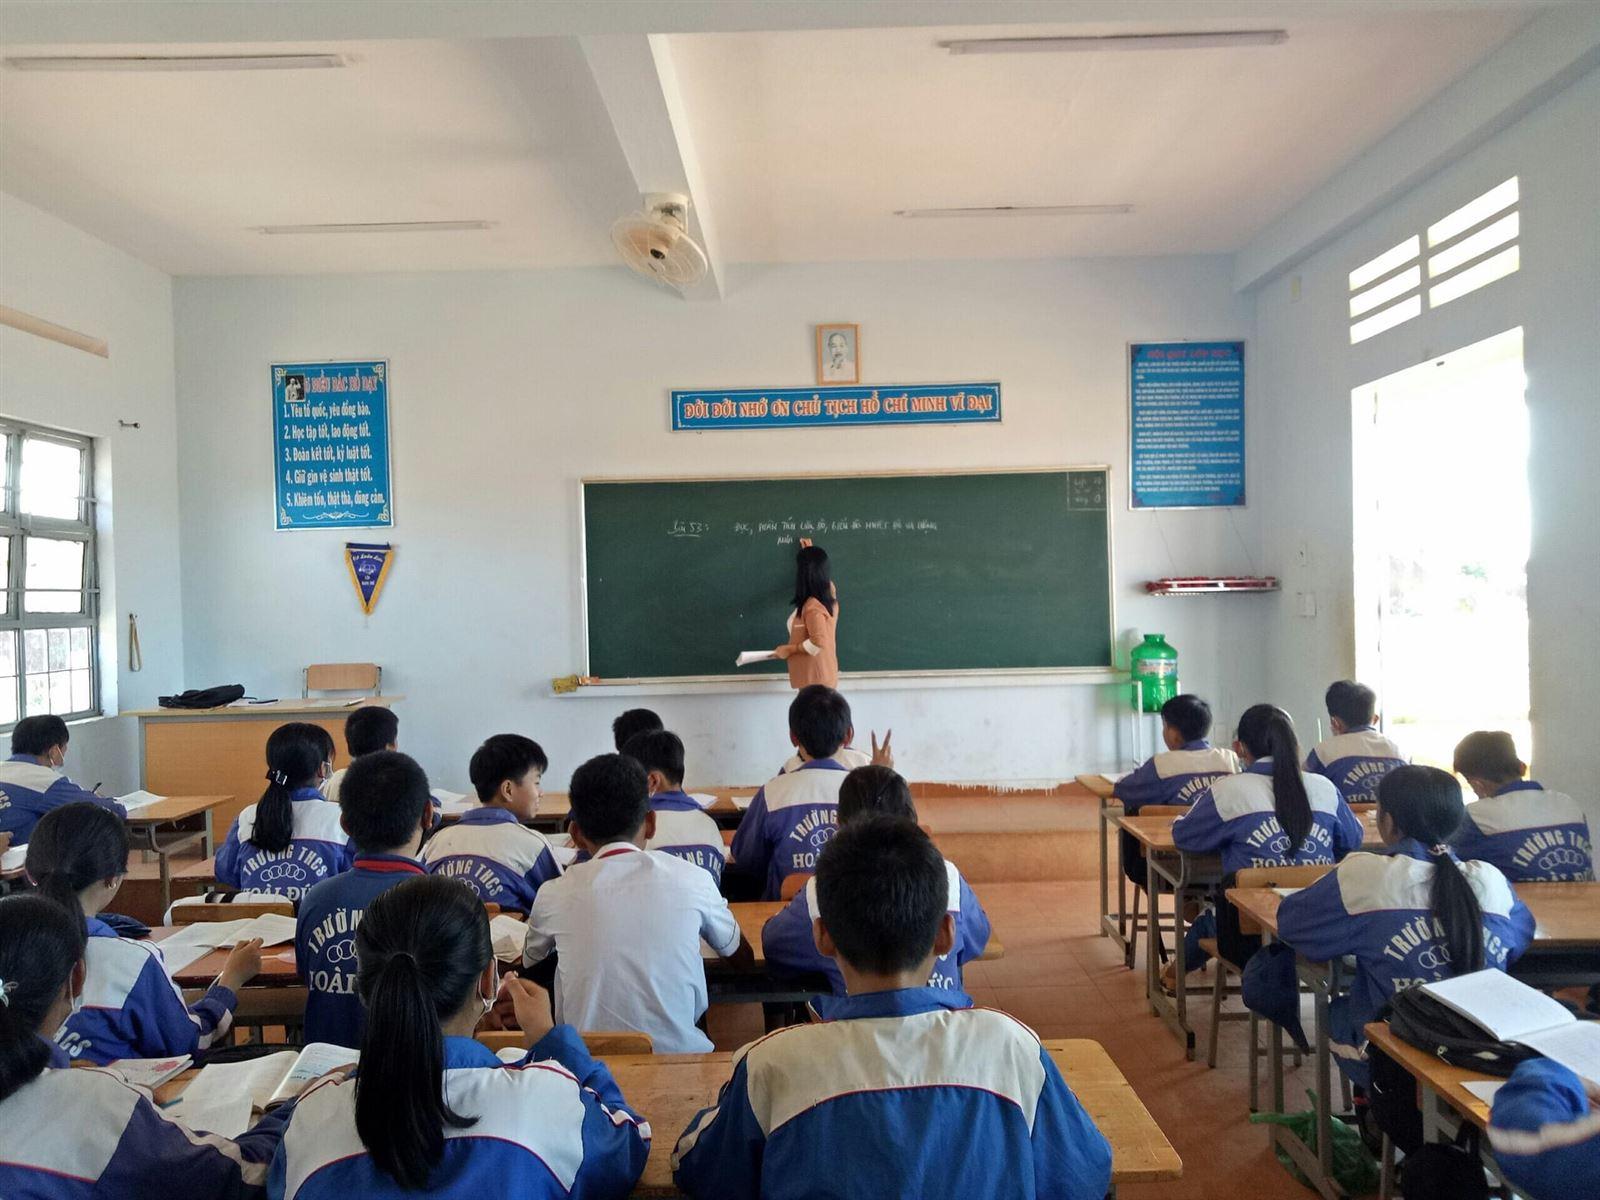 Lâm Đồng - Triển khai Công trình măng non Lớp em treo ảnh Bác Hồ chào mừng 80 năm ngày thành lập Đội TNTP Hồ Chí Minh (15/5/1941-15/5/2021)